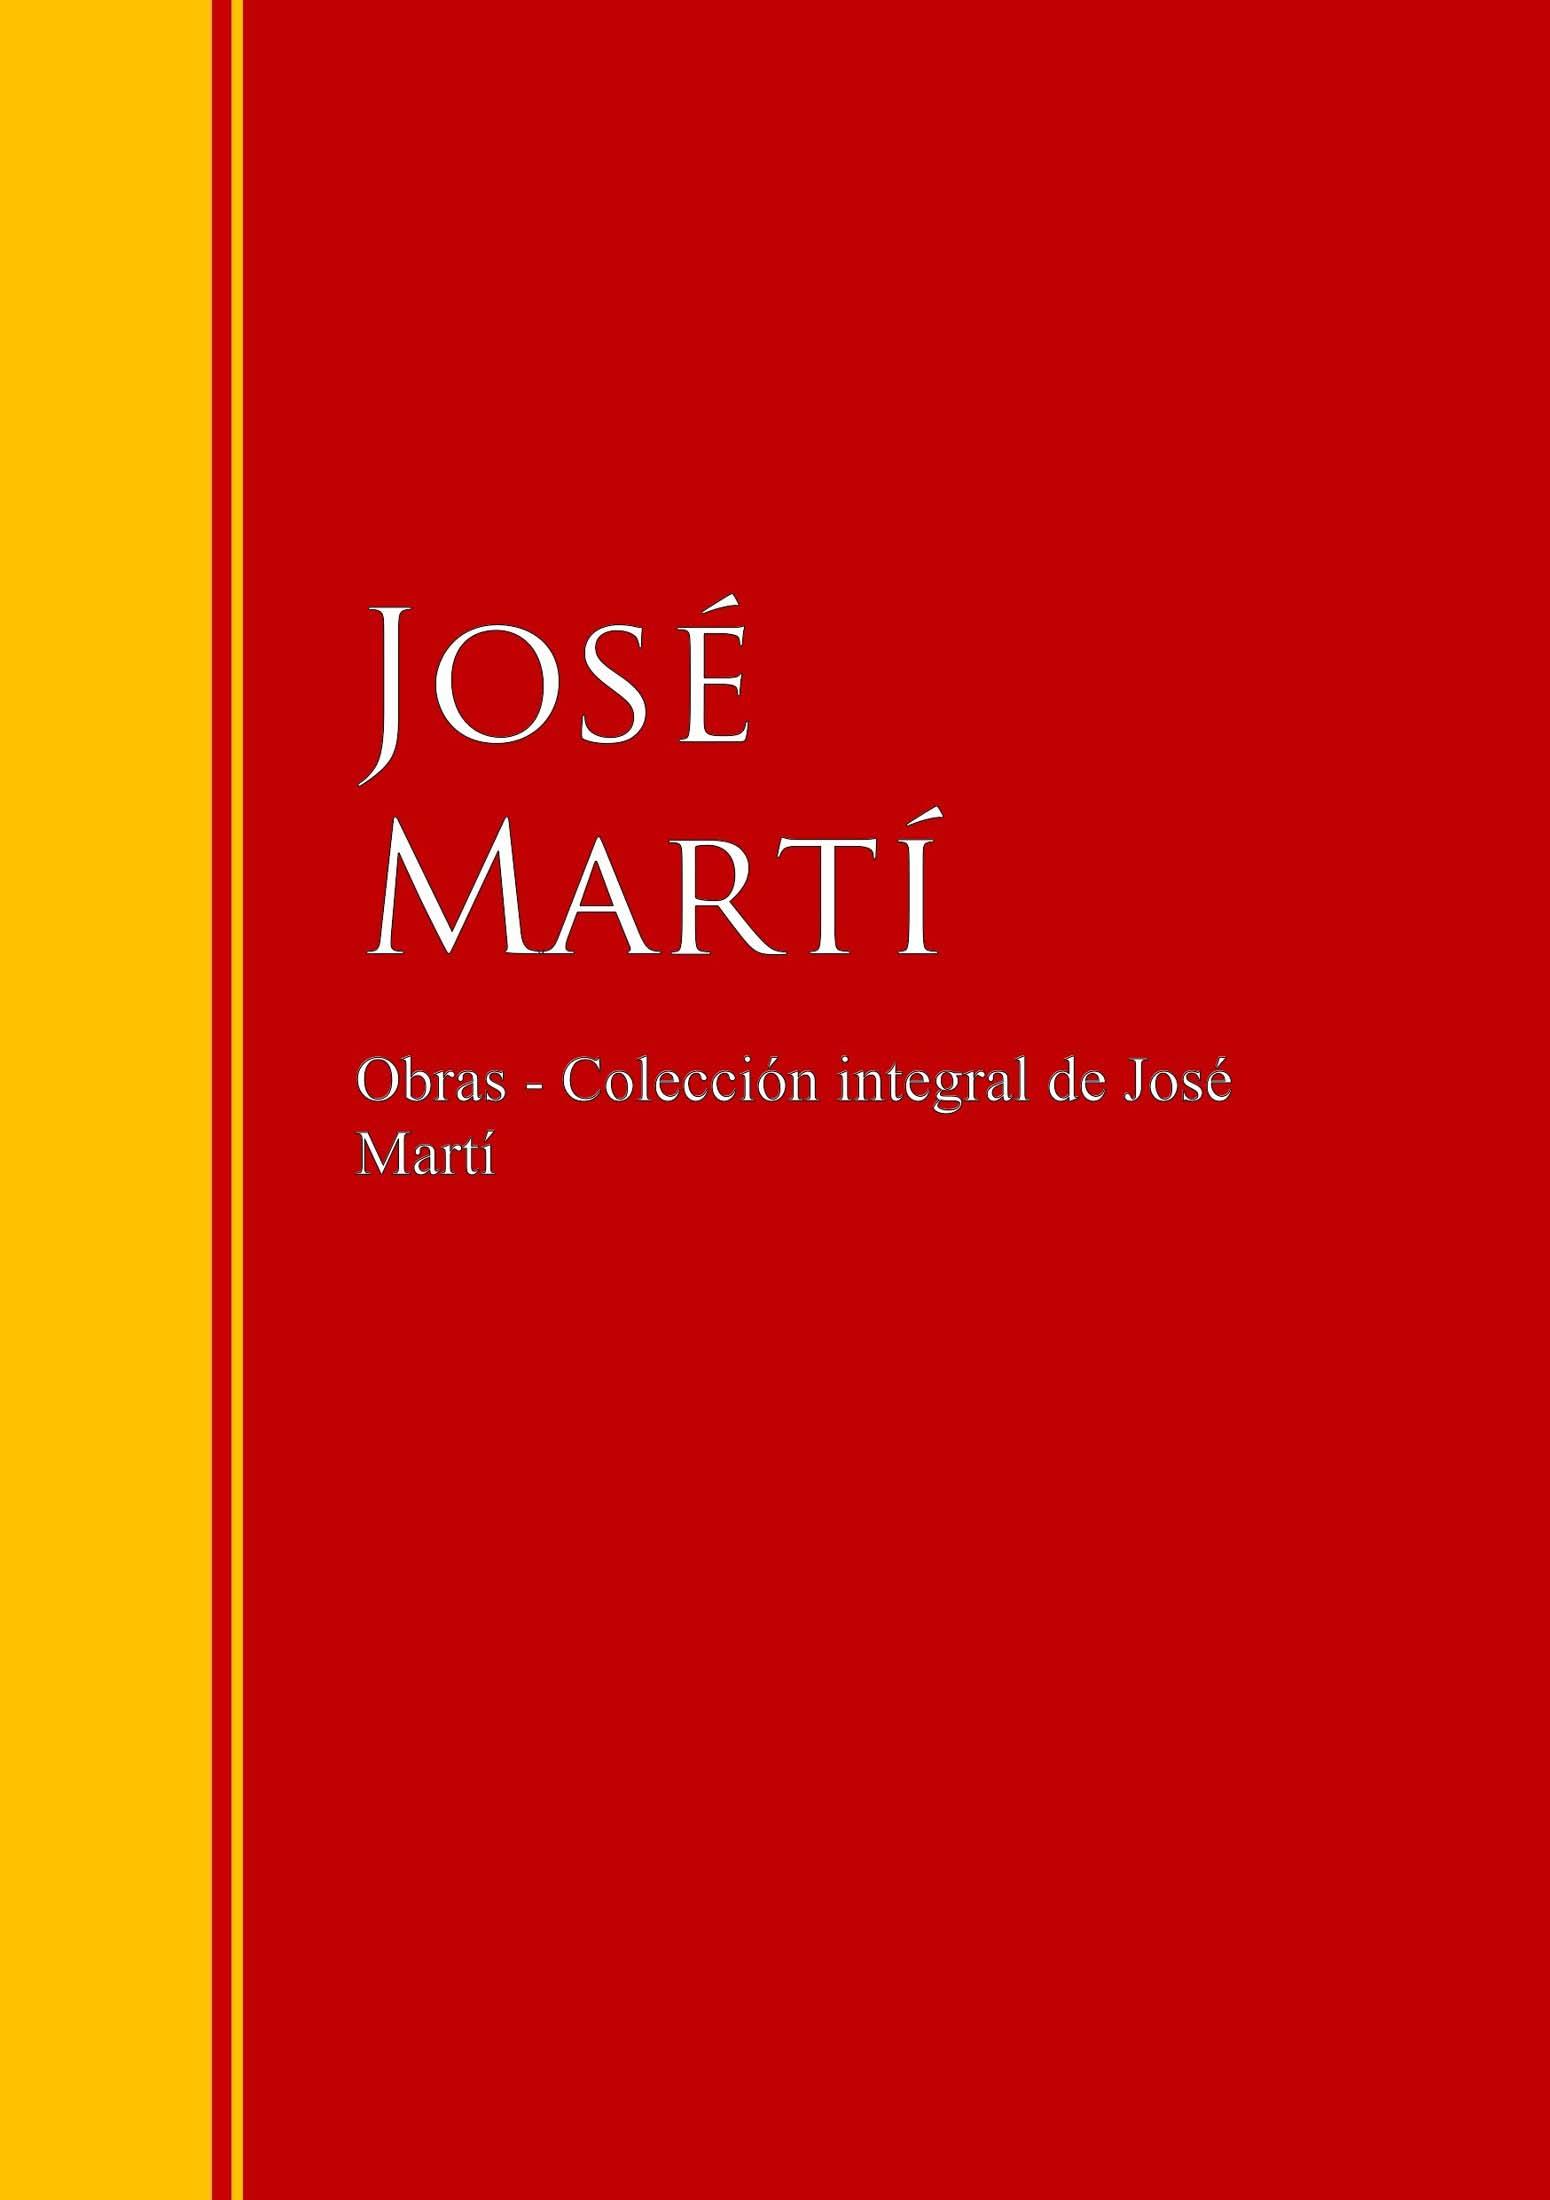 Jose Marti Obras - Colección de José Martí marti pellow york